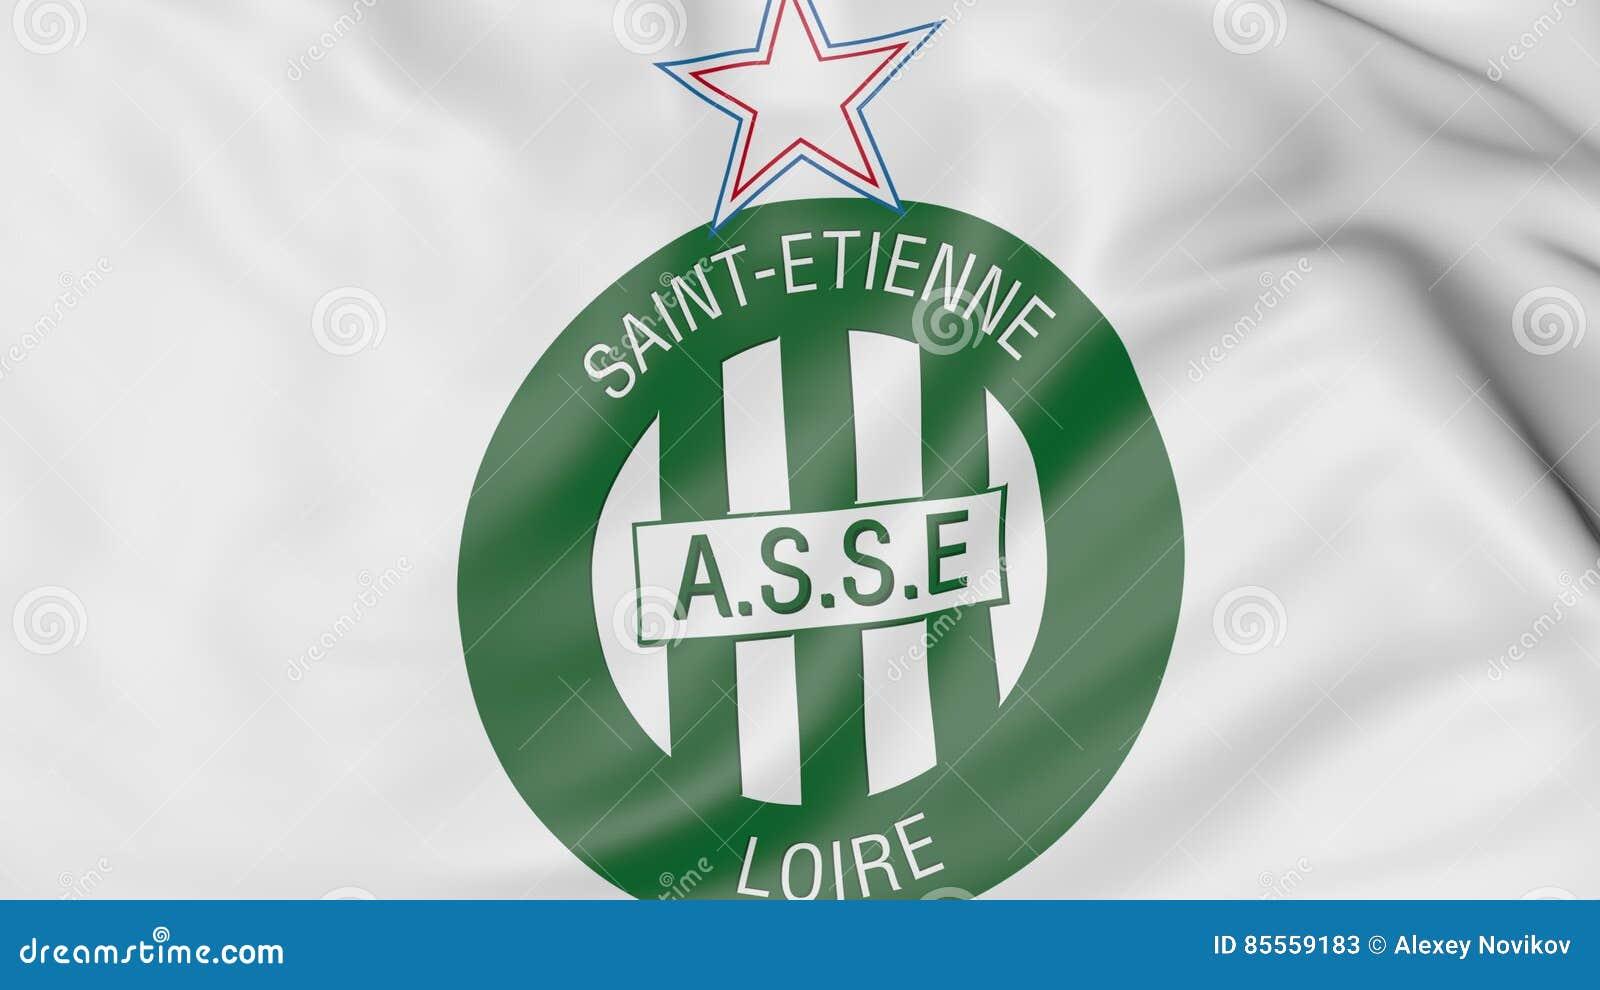 Nahaufnahme der wellenartig bewegenden Flagge mit ALS St.- Etiennefußballvereinlogo, Wiedergabe 3D